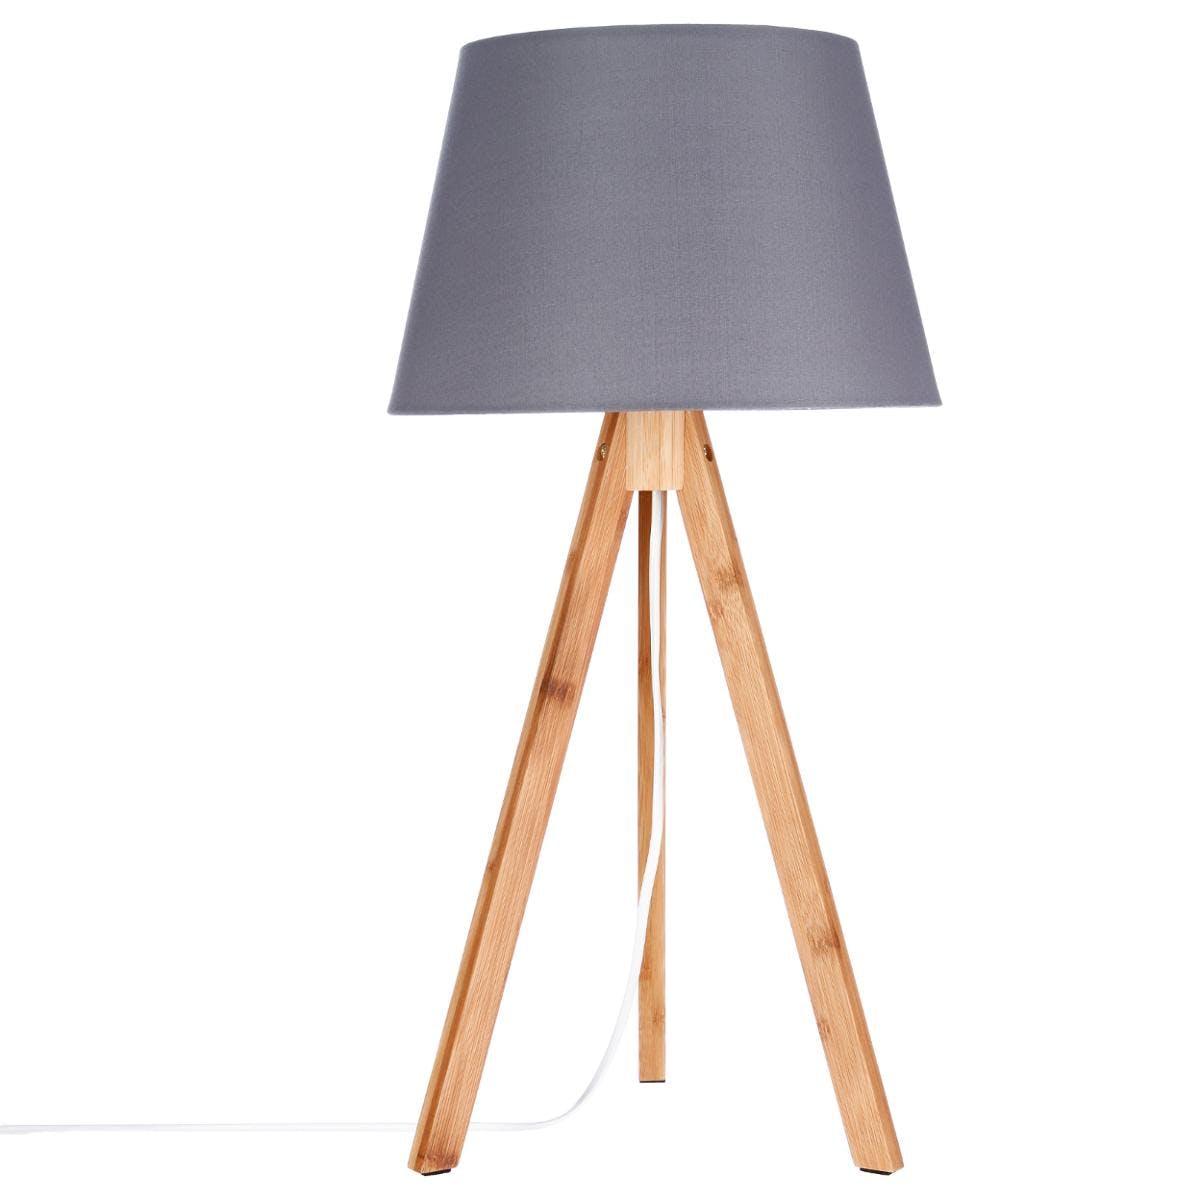 Lampe en bambou forme trépied et abat-jour coton gris foncé D28xH55cm